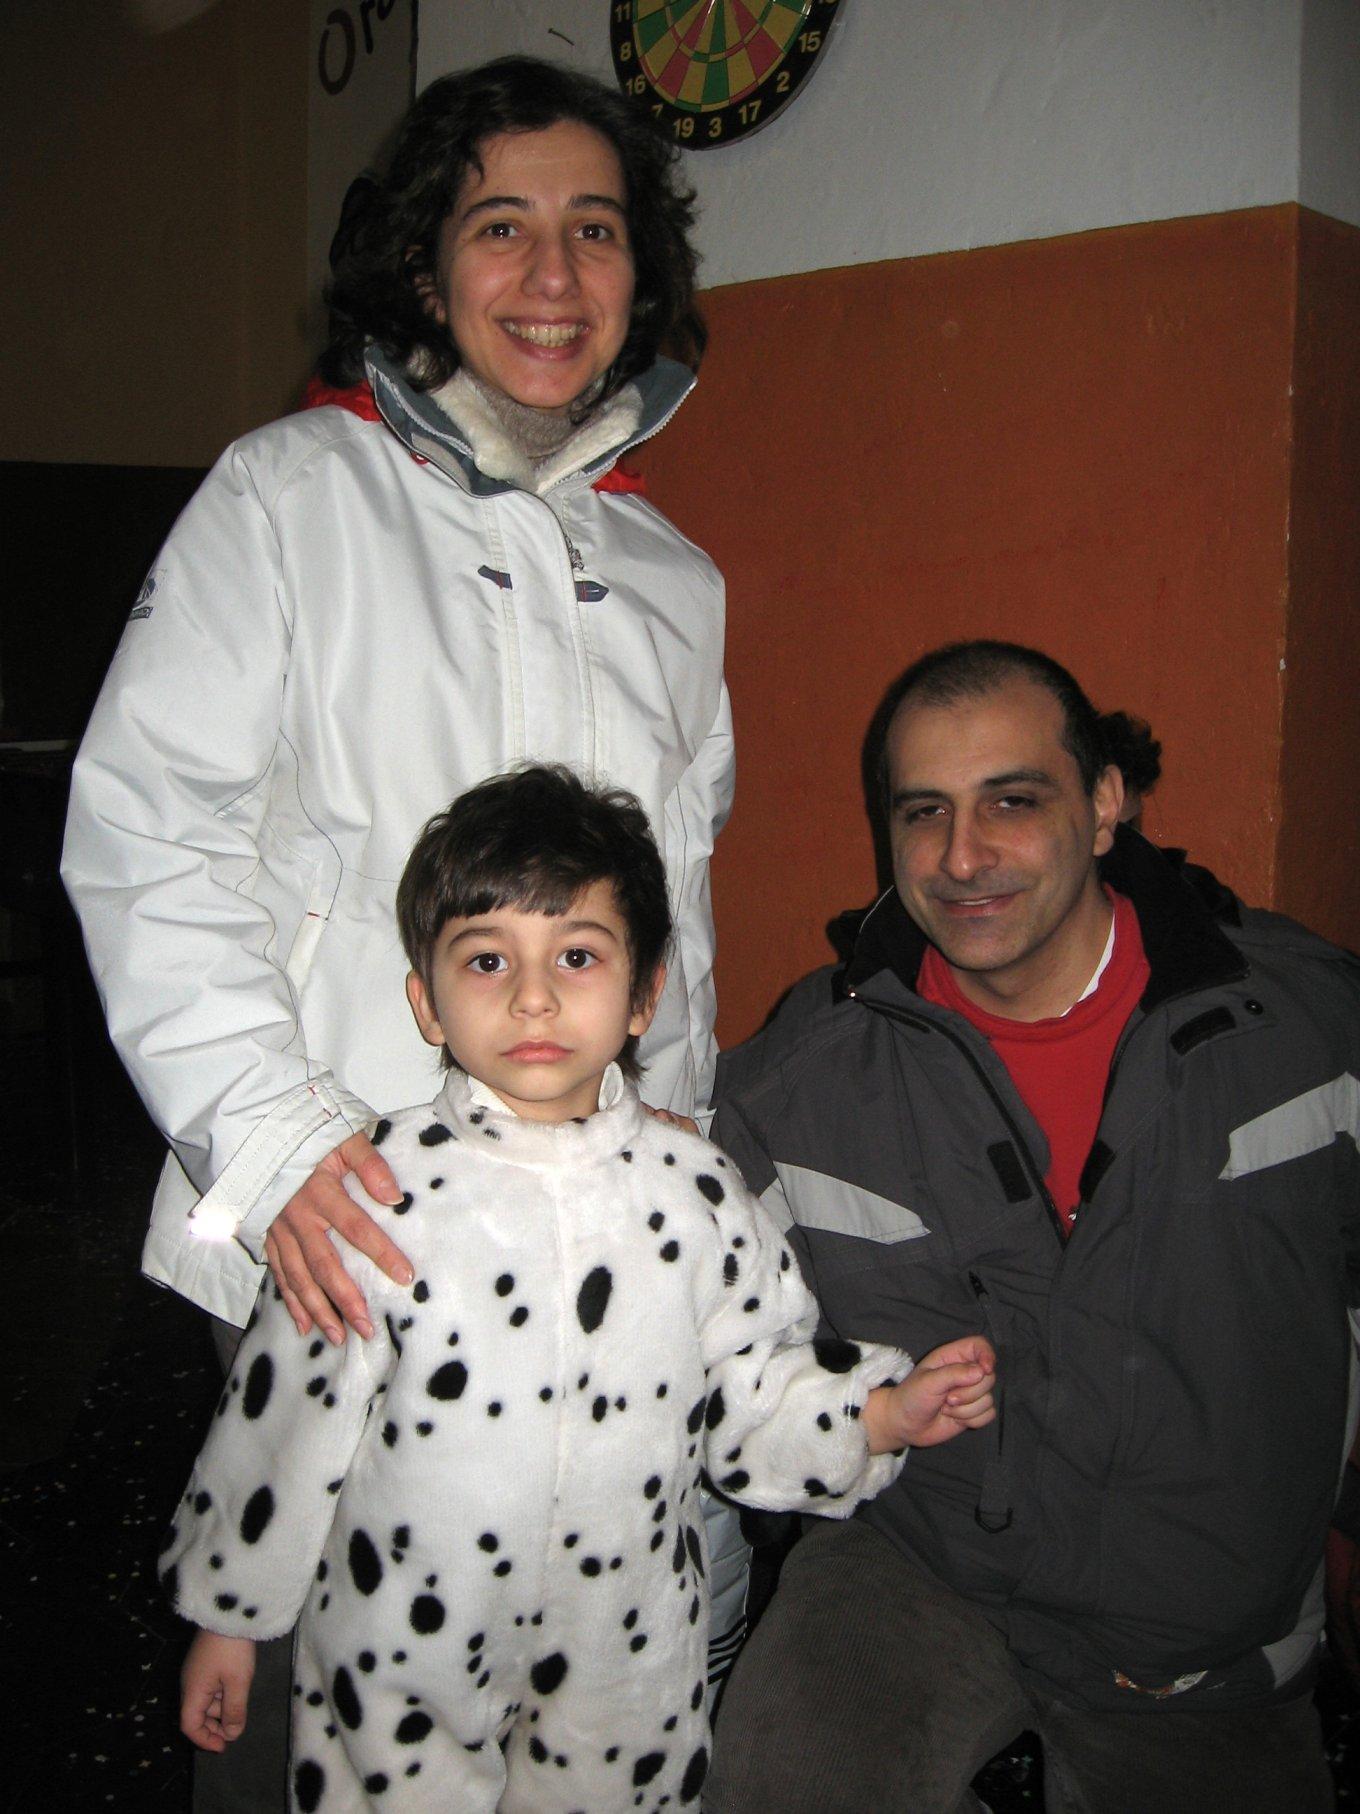 Pentolaccia-2009-02-22--16.20.35.jpg